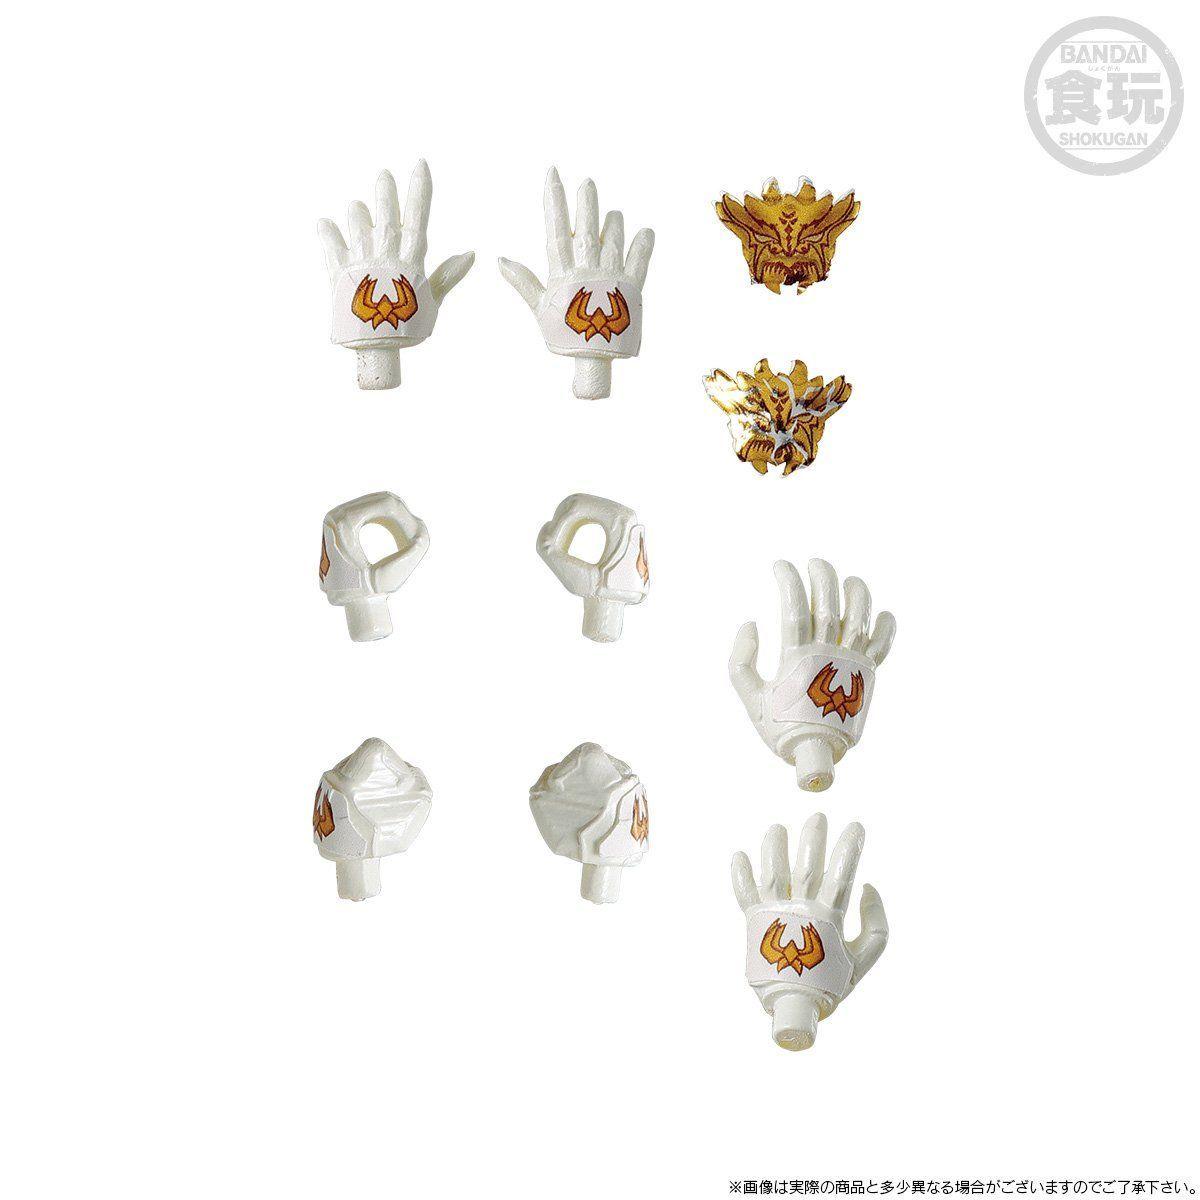 【限定販売】【食玩】SO-DO CHRONICLE『ン・ダグバ・ゼバ』仮面ライダークウガ 可動フィギュア-005